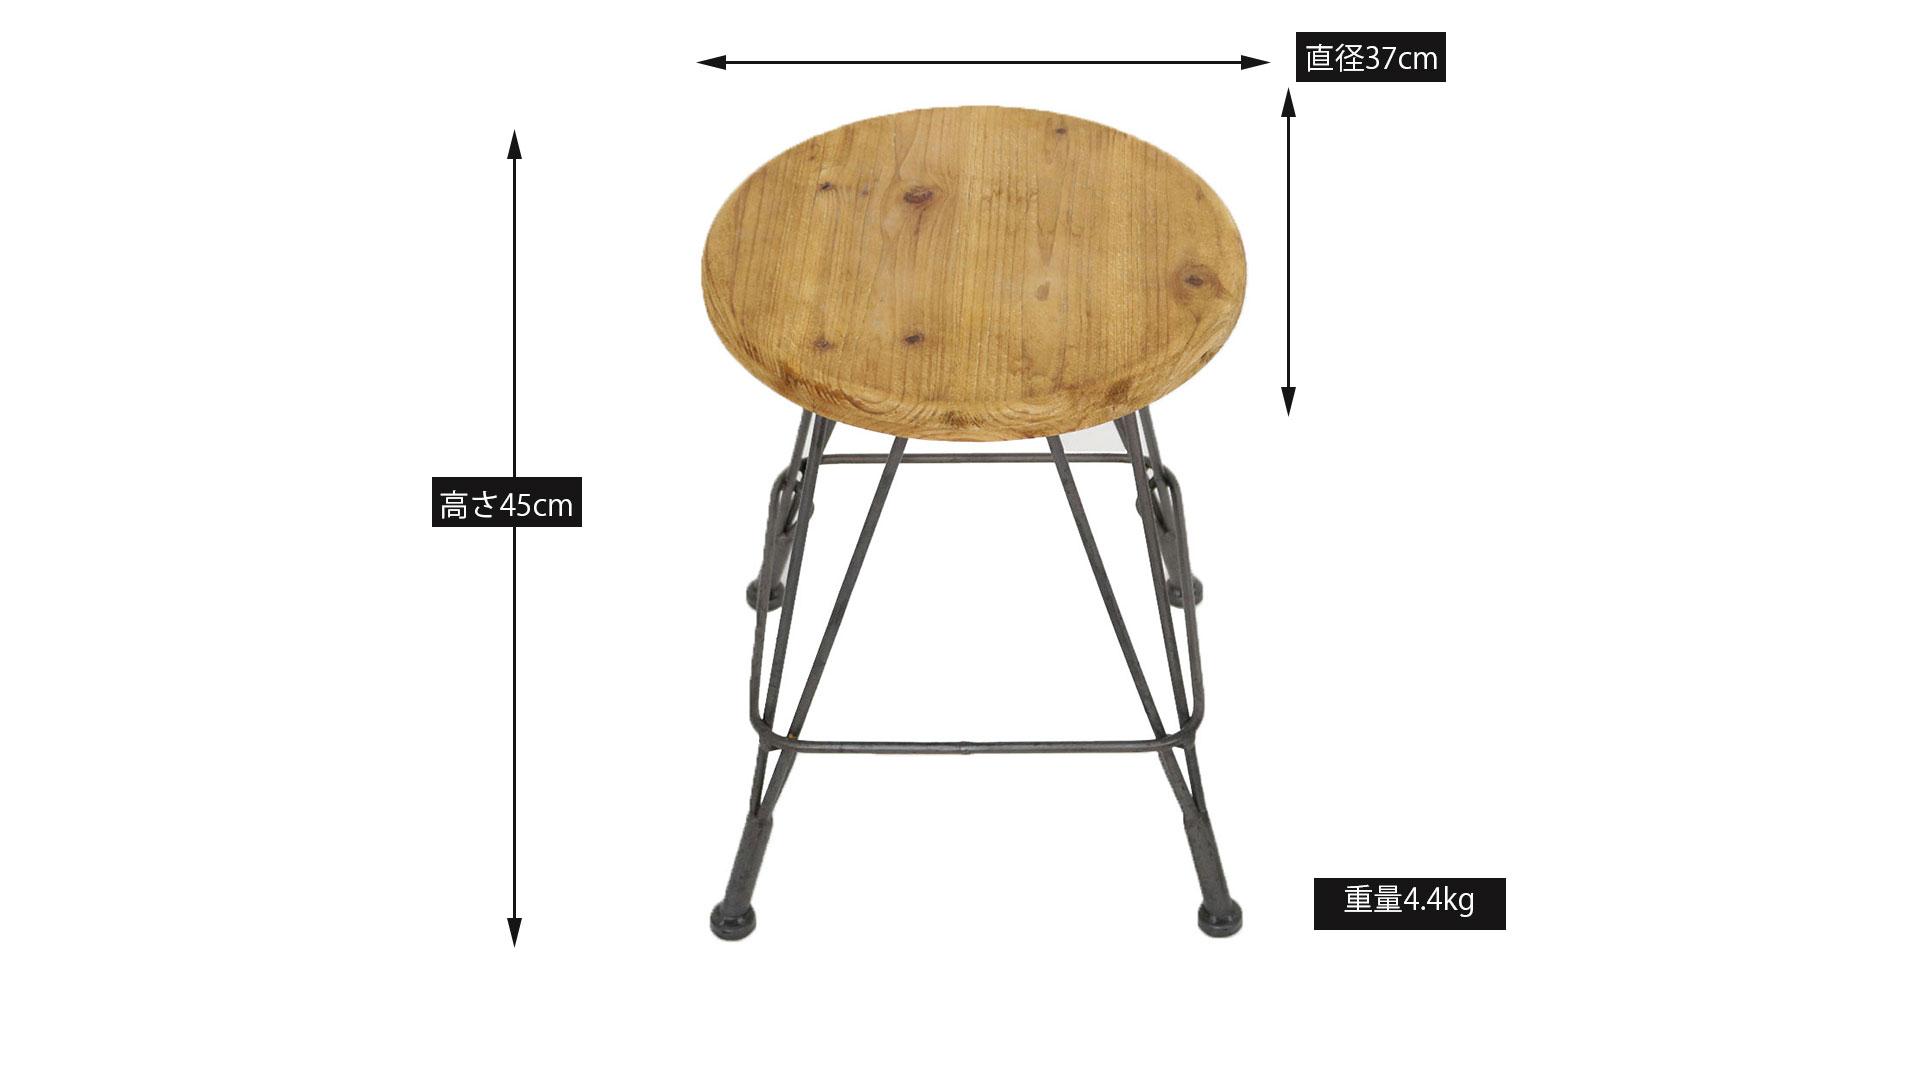 直径37cmの丸型の椅子